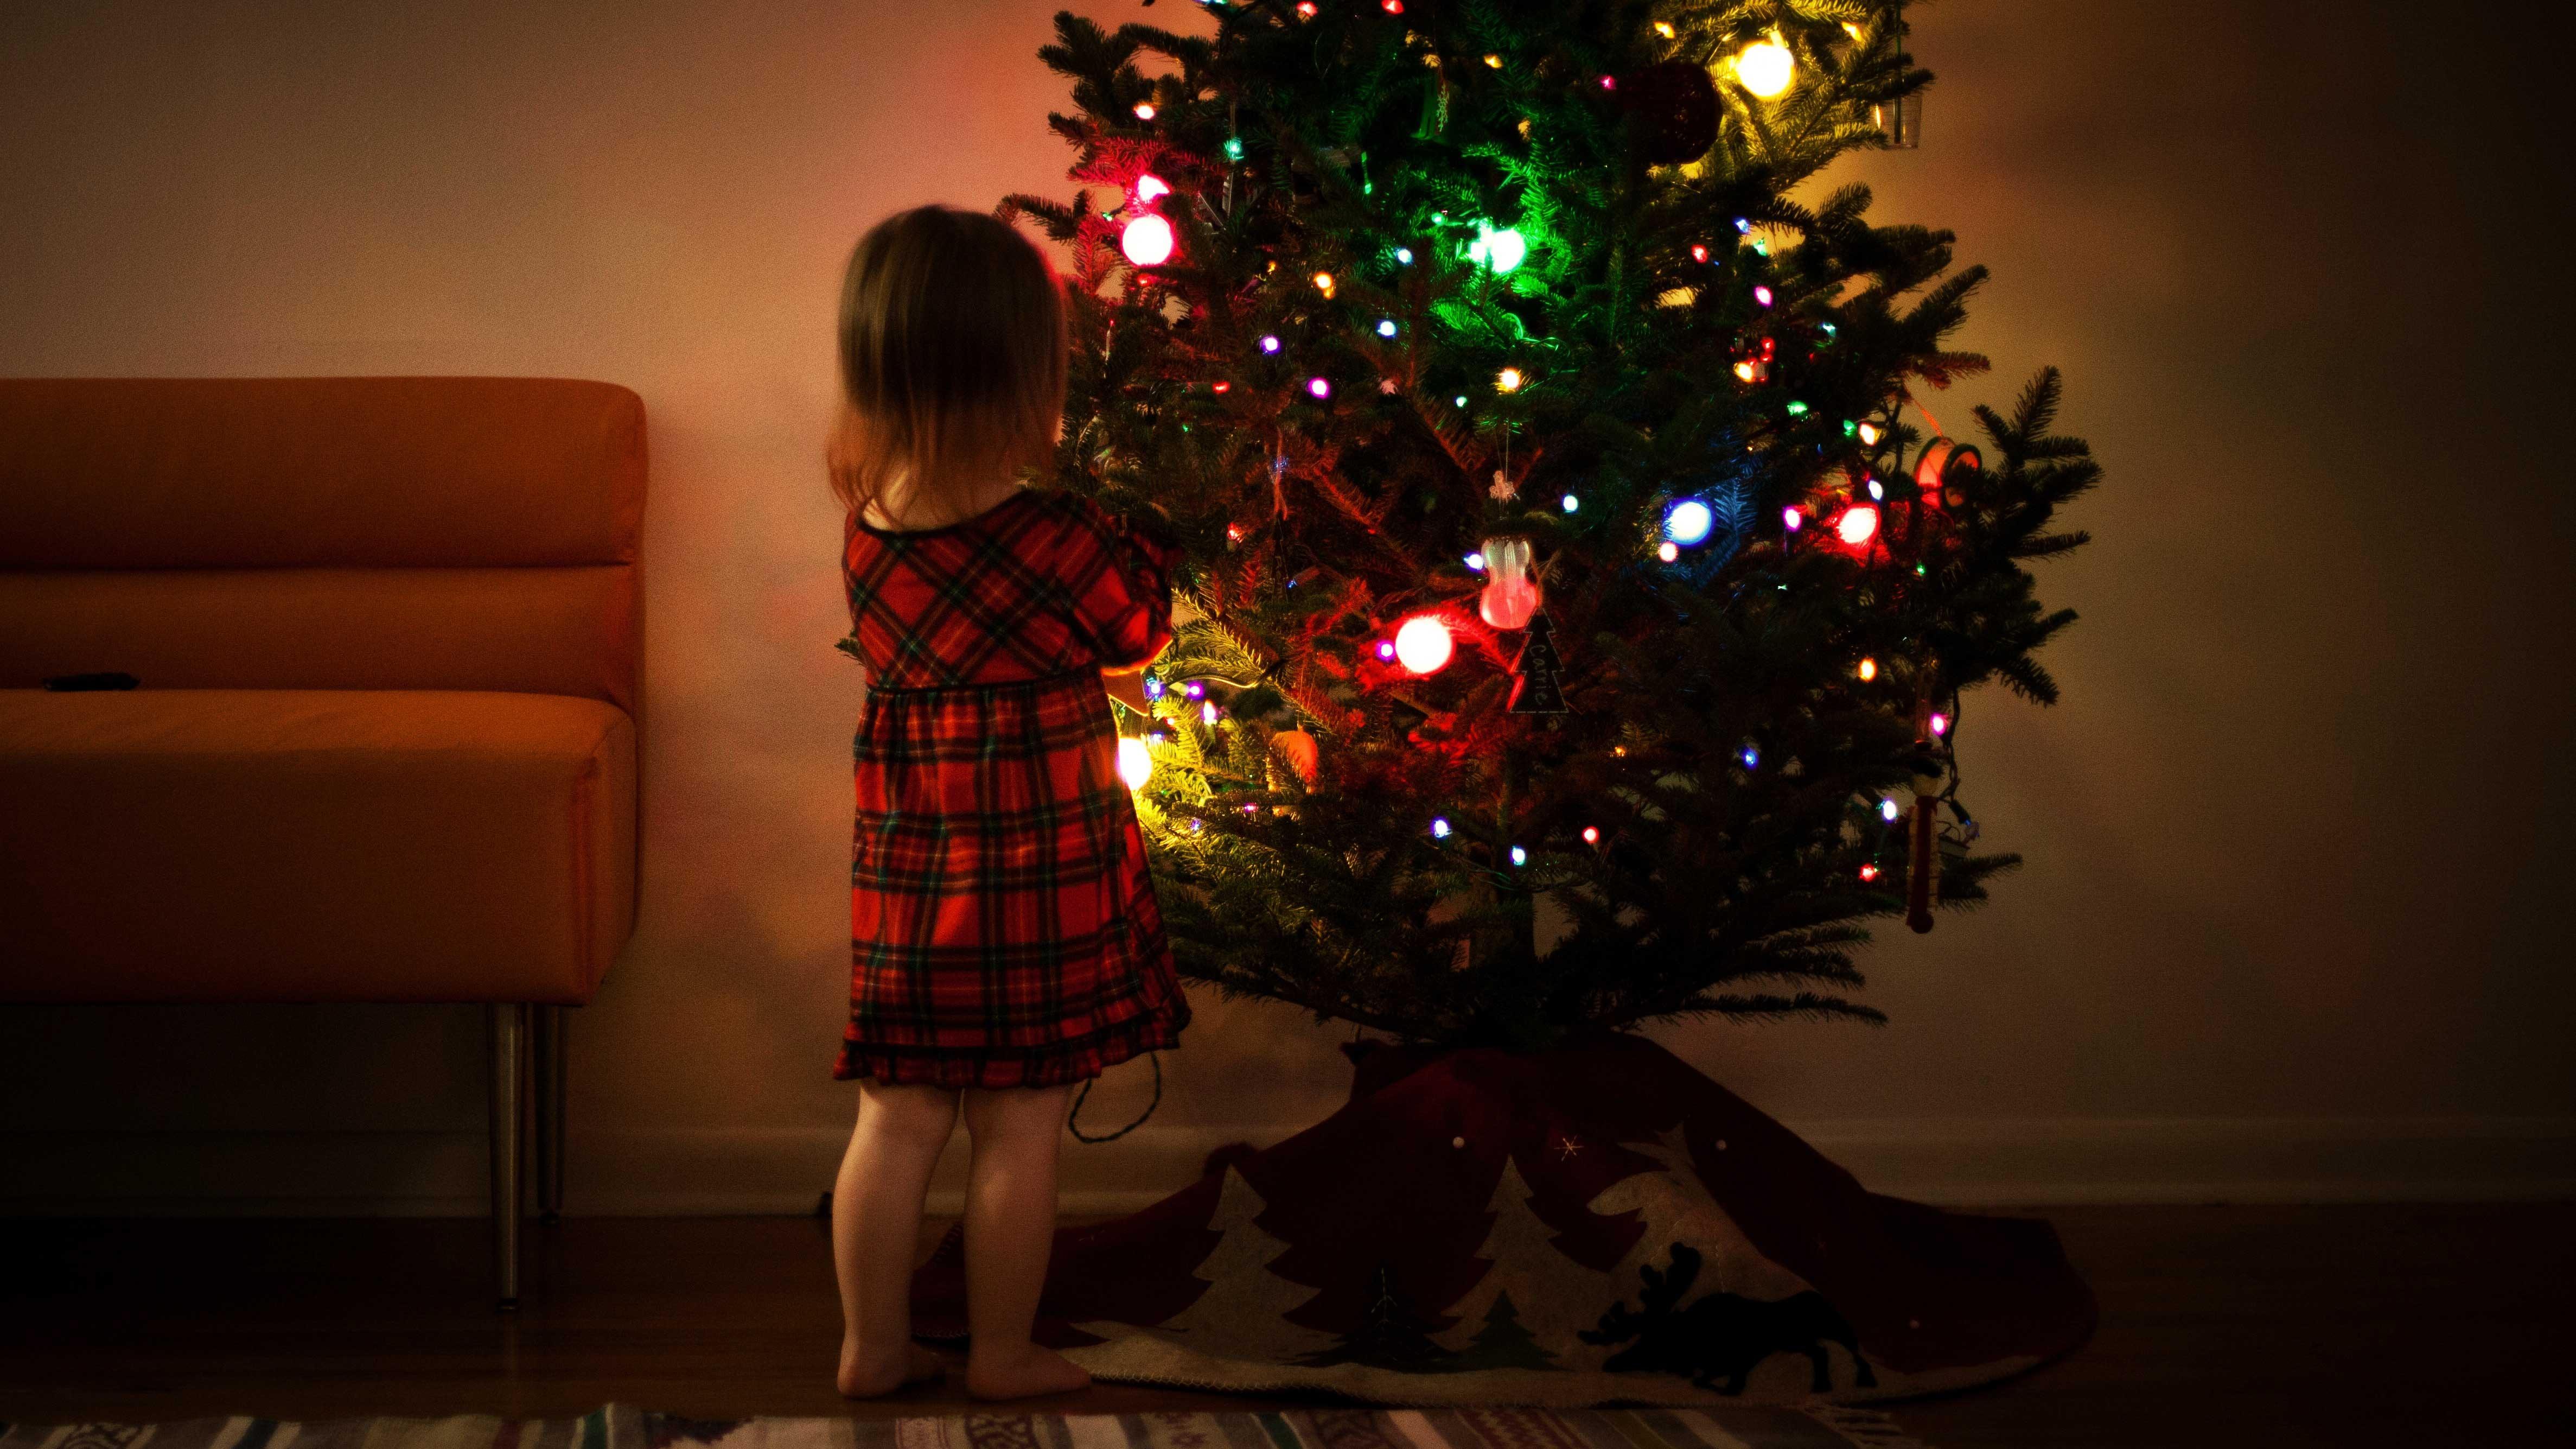 Ken Jij 2 Bijzondere Kerst Elfjes Die Ons Christmas House Willen